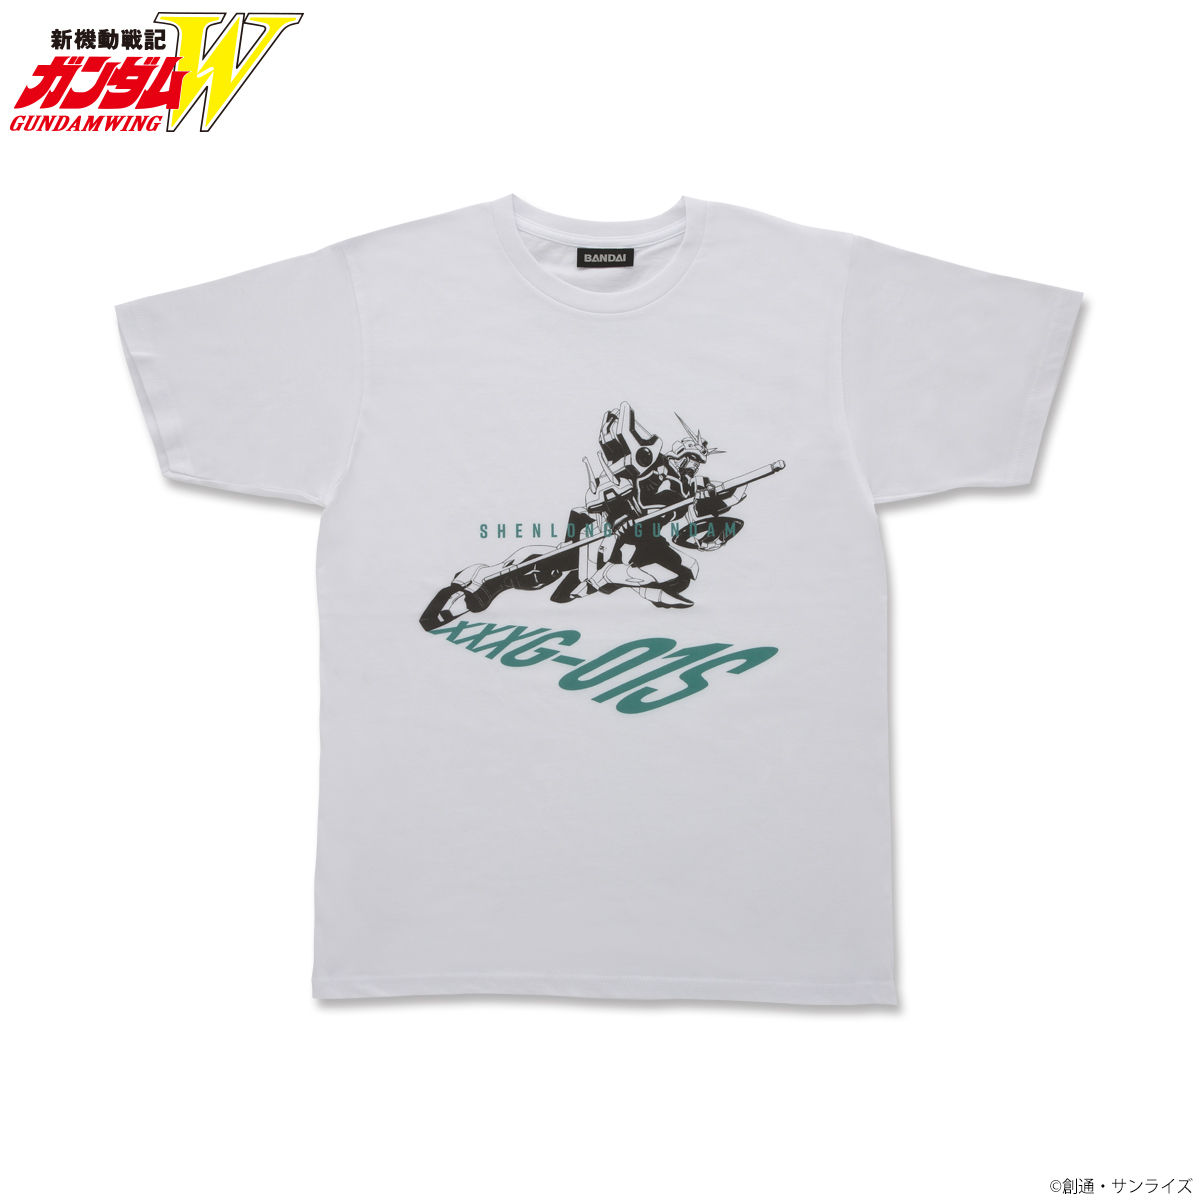 Mobile Suit Gundam Wing Monocrome Mobile Suit T-shirt